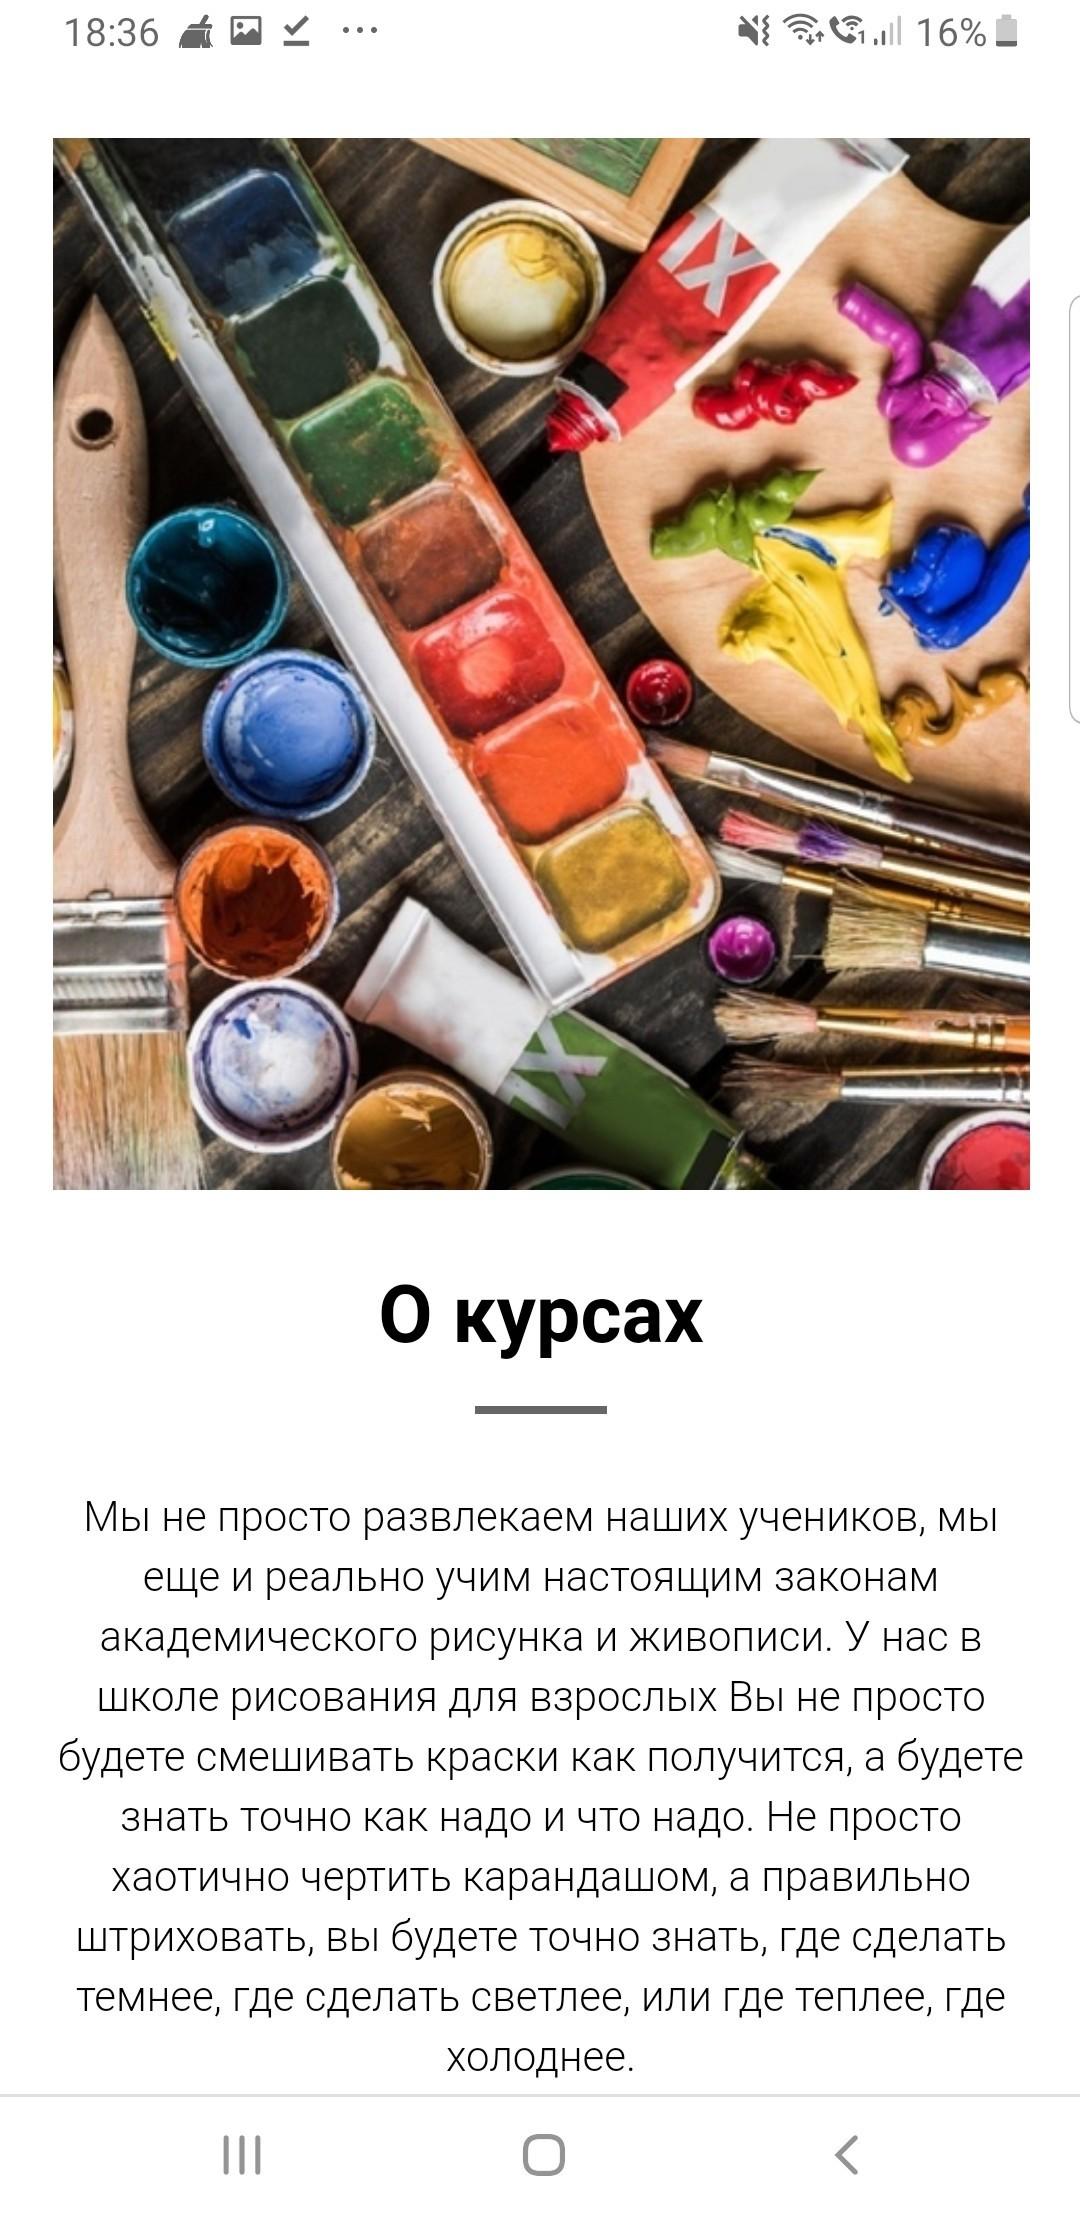 Страница с сайта